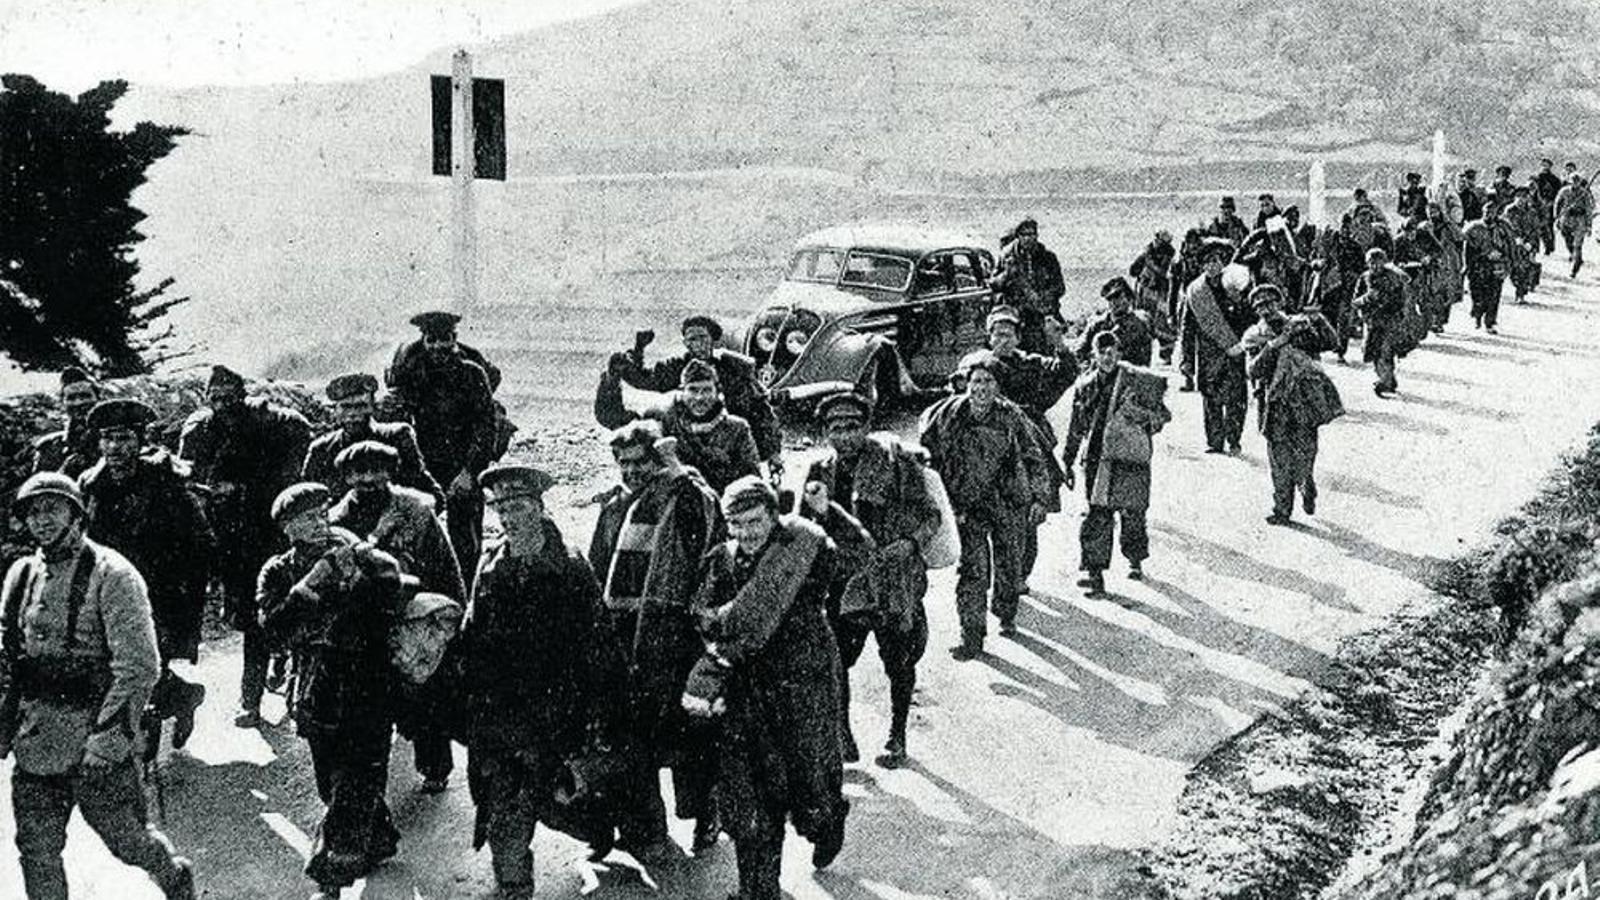 Els militars republicans no van poder entrar a França fins al 5 de febrer i van ser enviats als camps de concentració. / AUGUSTE CHAUVIN (ARCHIVES DÉPARTEMENTALES DES PYRÉNÉES-ORIENTALES)